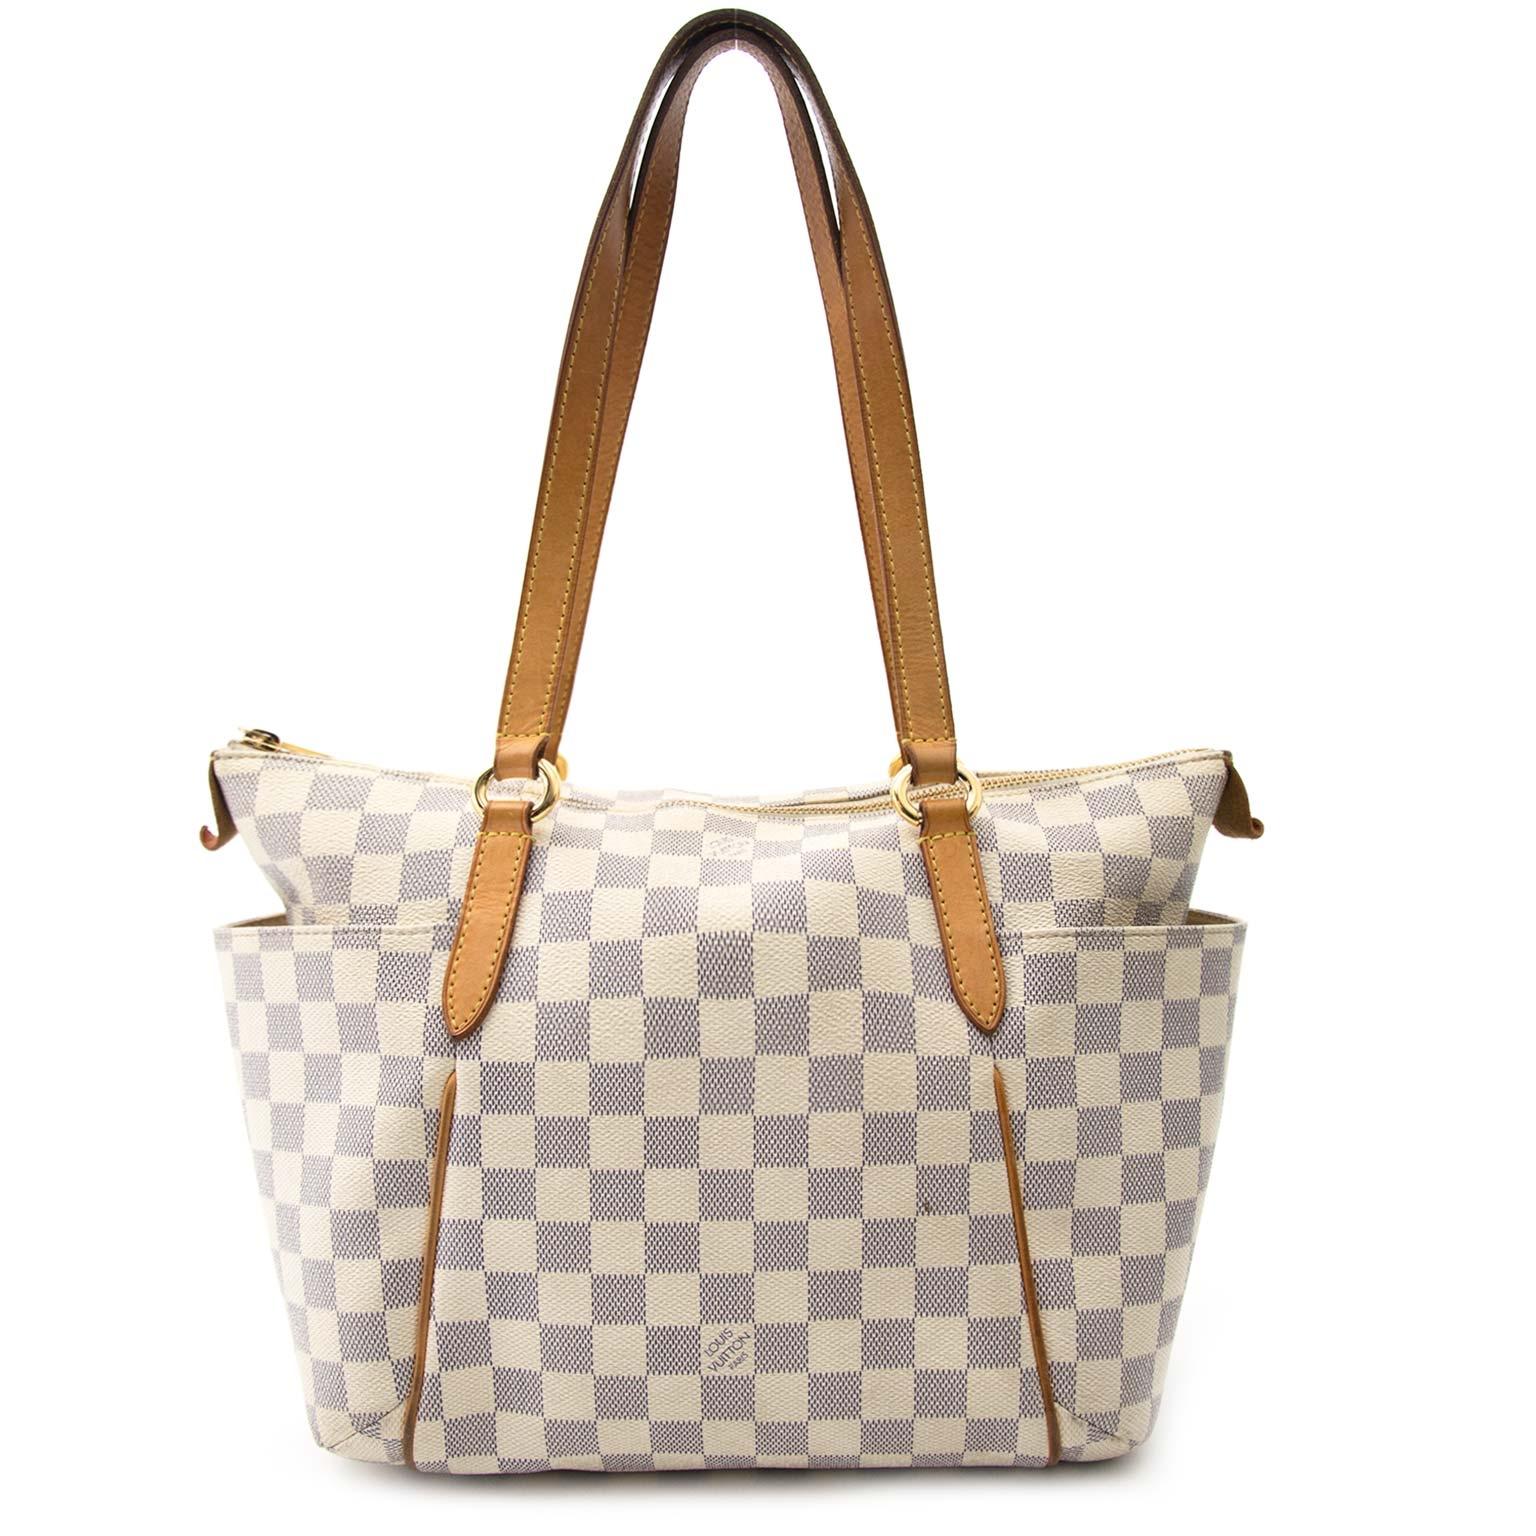 Louis Vuitton Damier Azur Tottaly Pm Tote  koop veilig online tegen de beste prijs